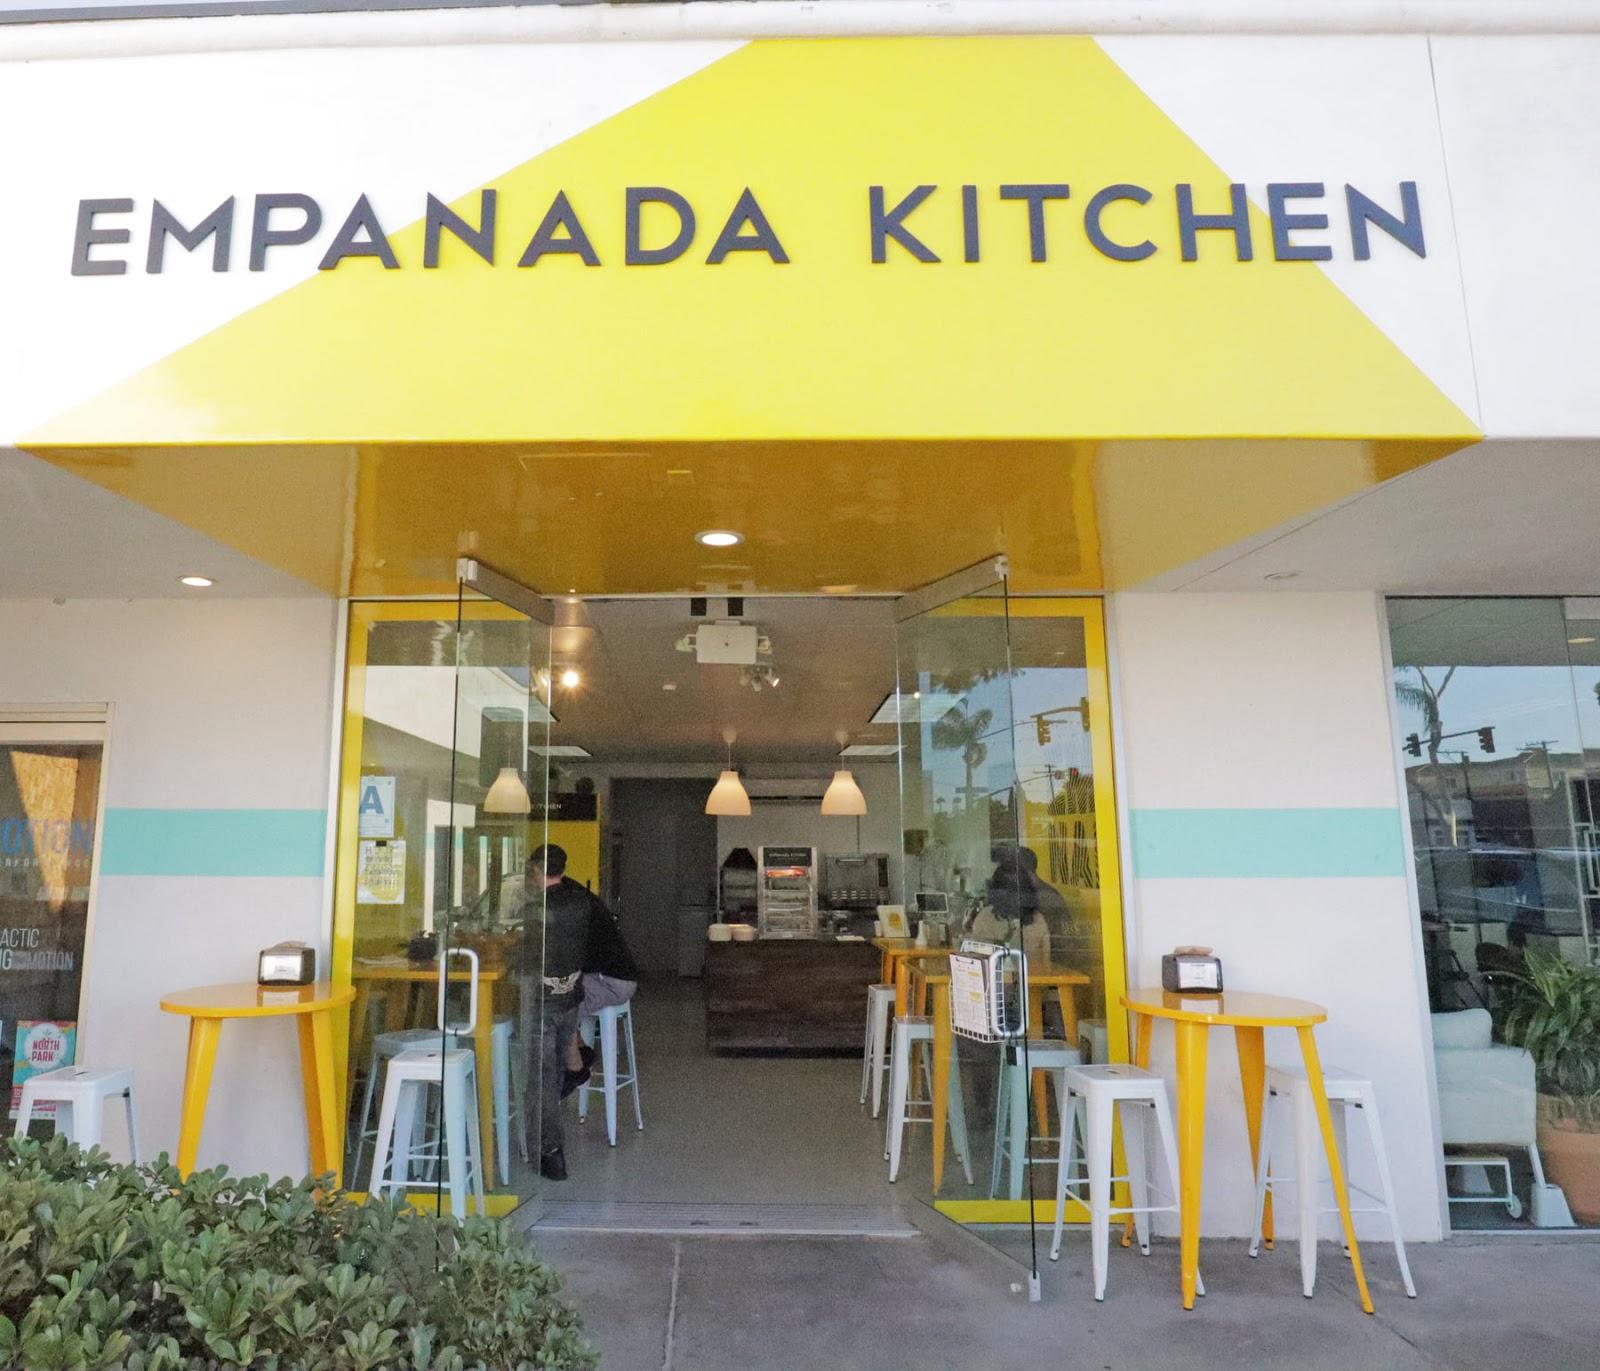 Sandiegoville Empanada Kitchen Launches Second San Diego